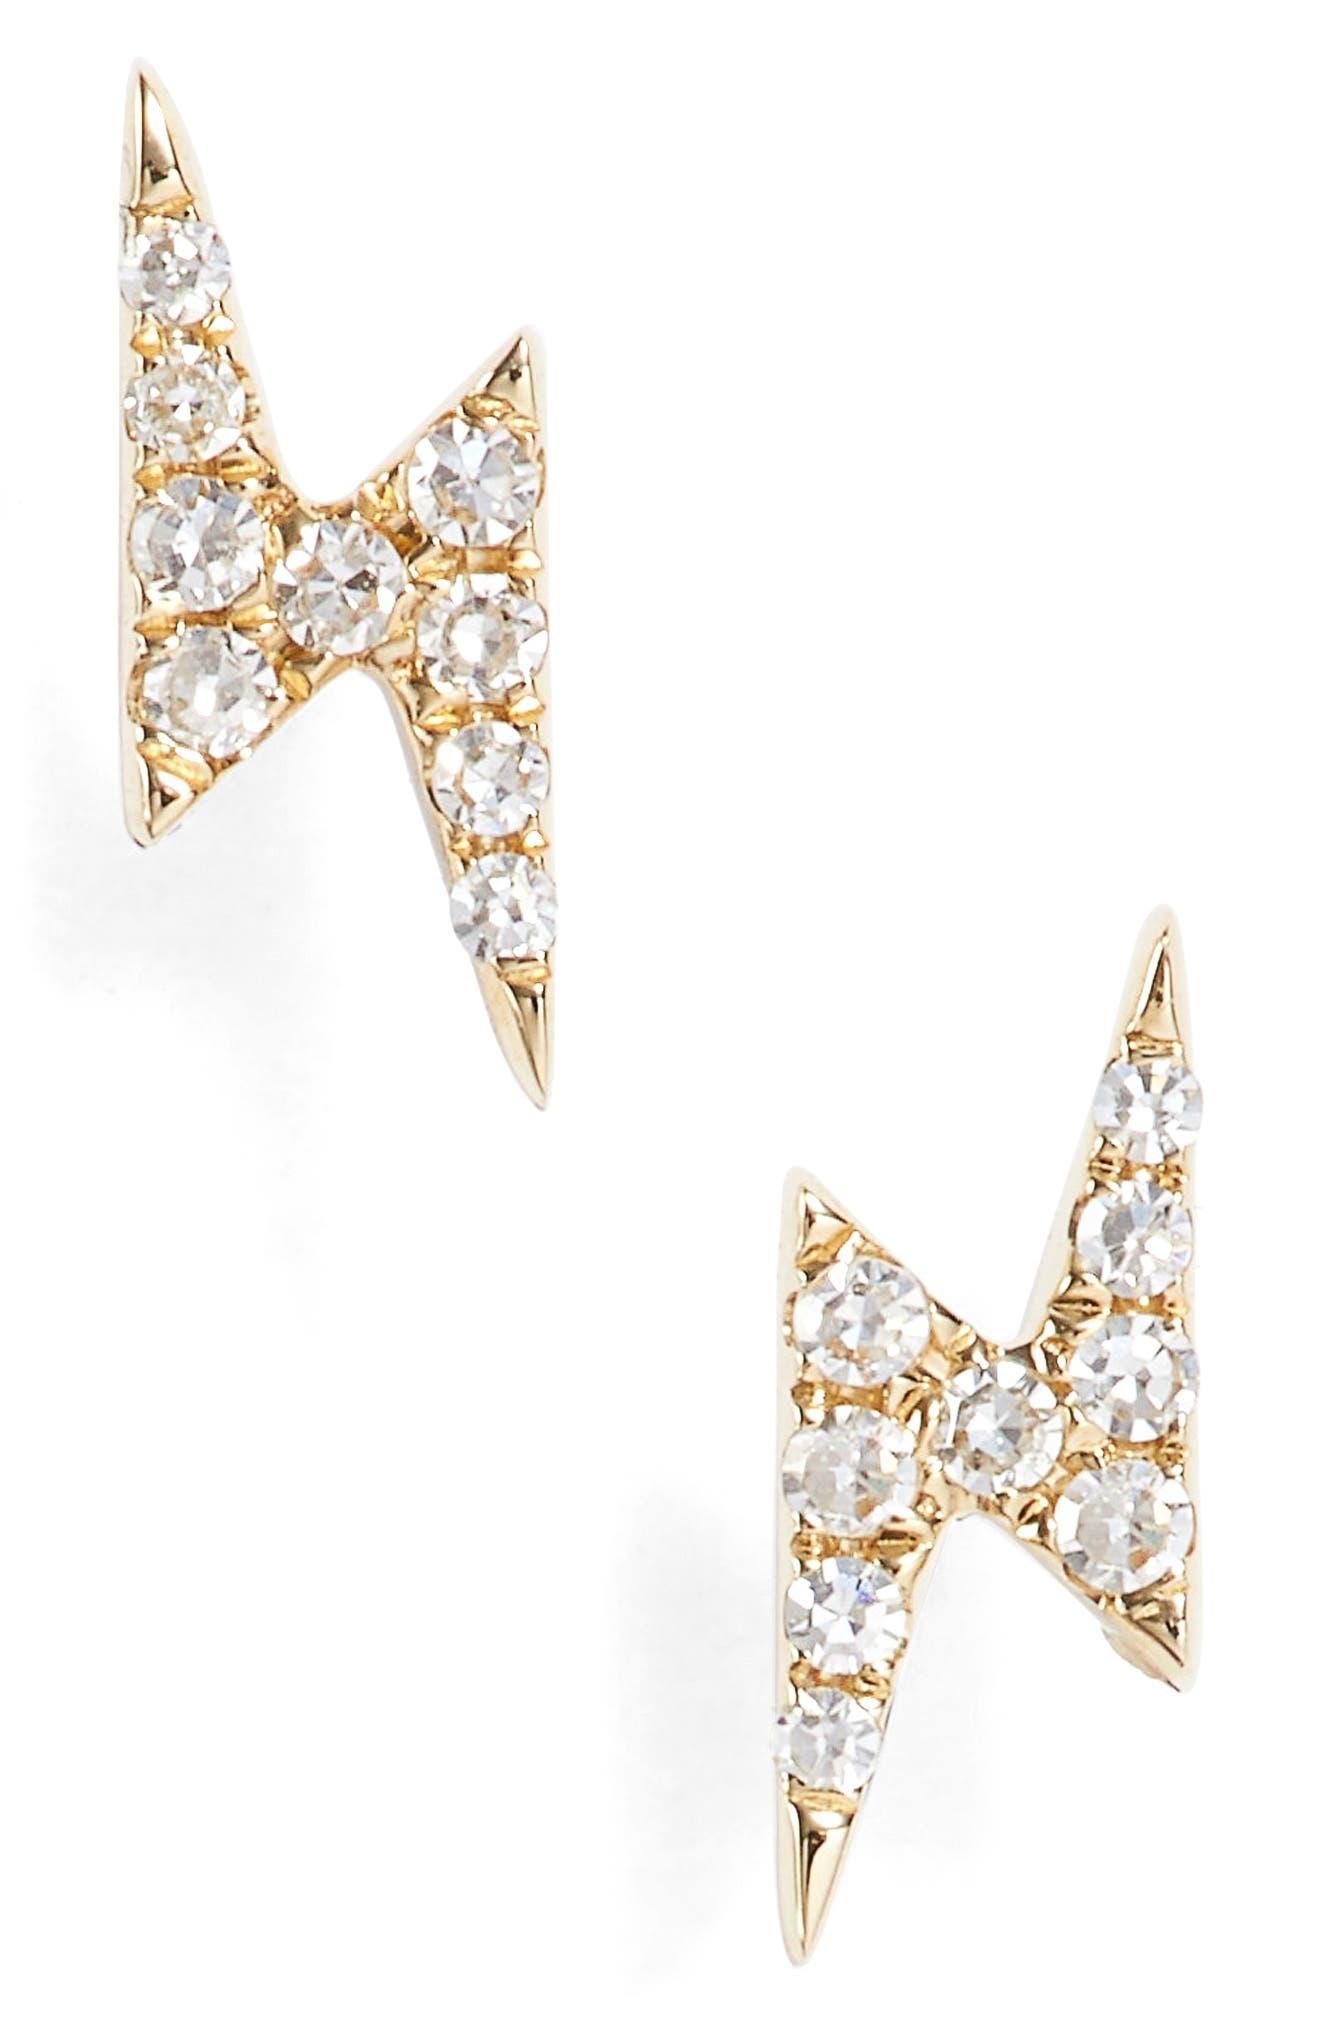 Diamond Stud Earrings,                             Main thumbnail 1, color,                             710